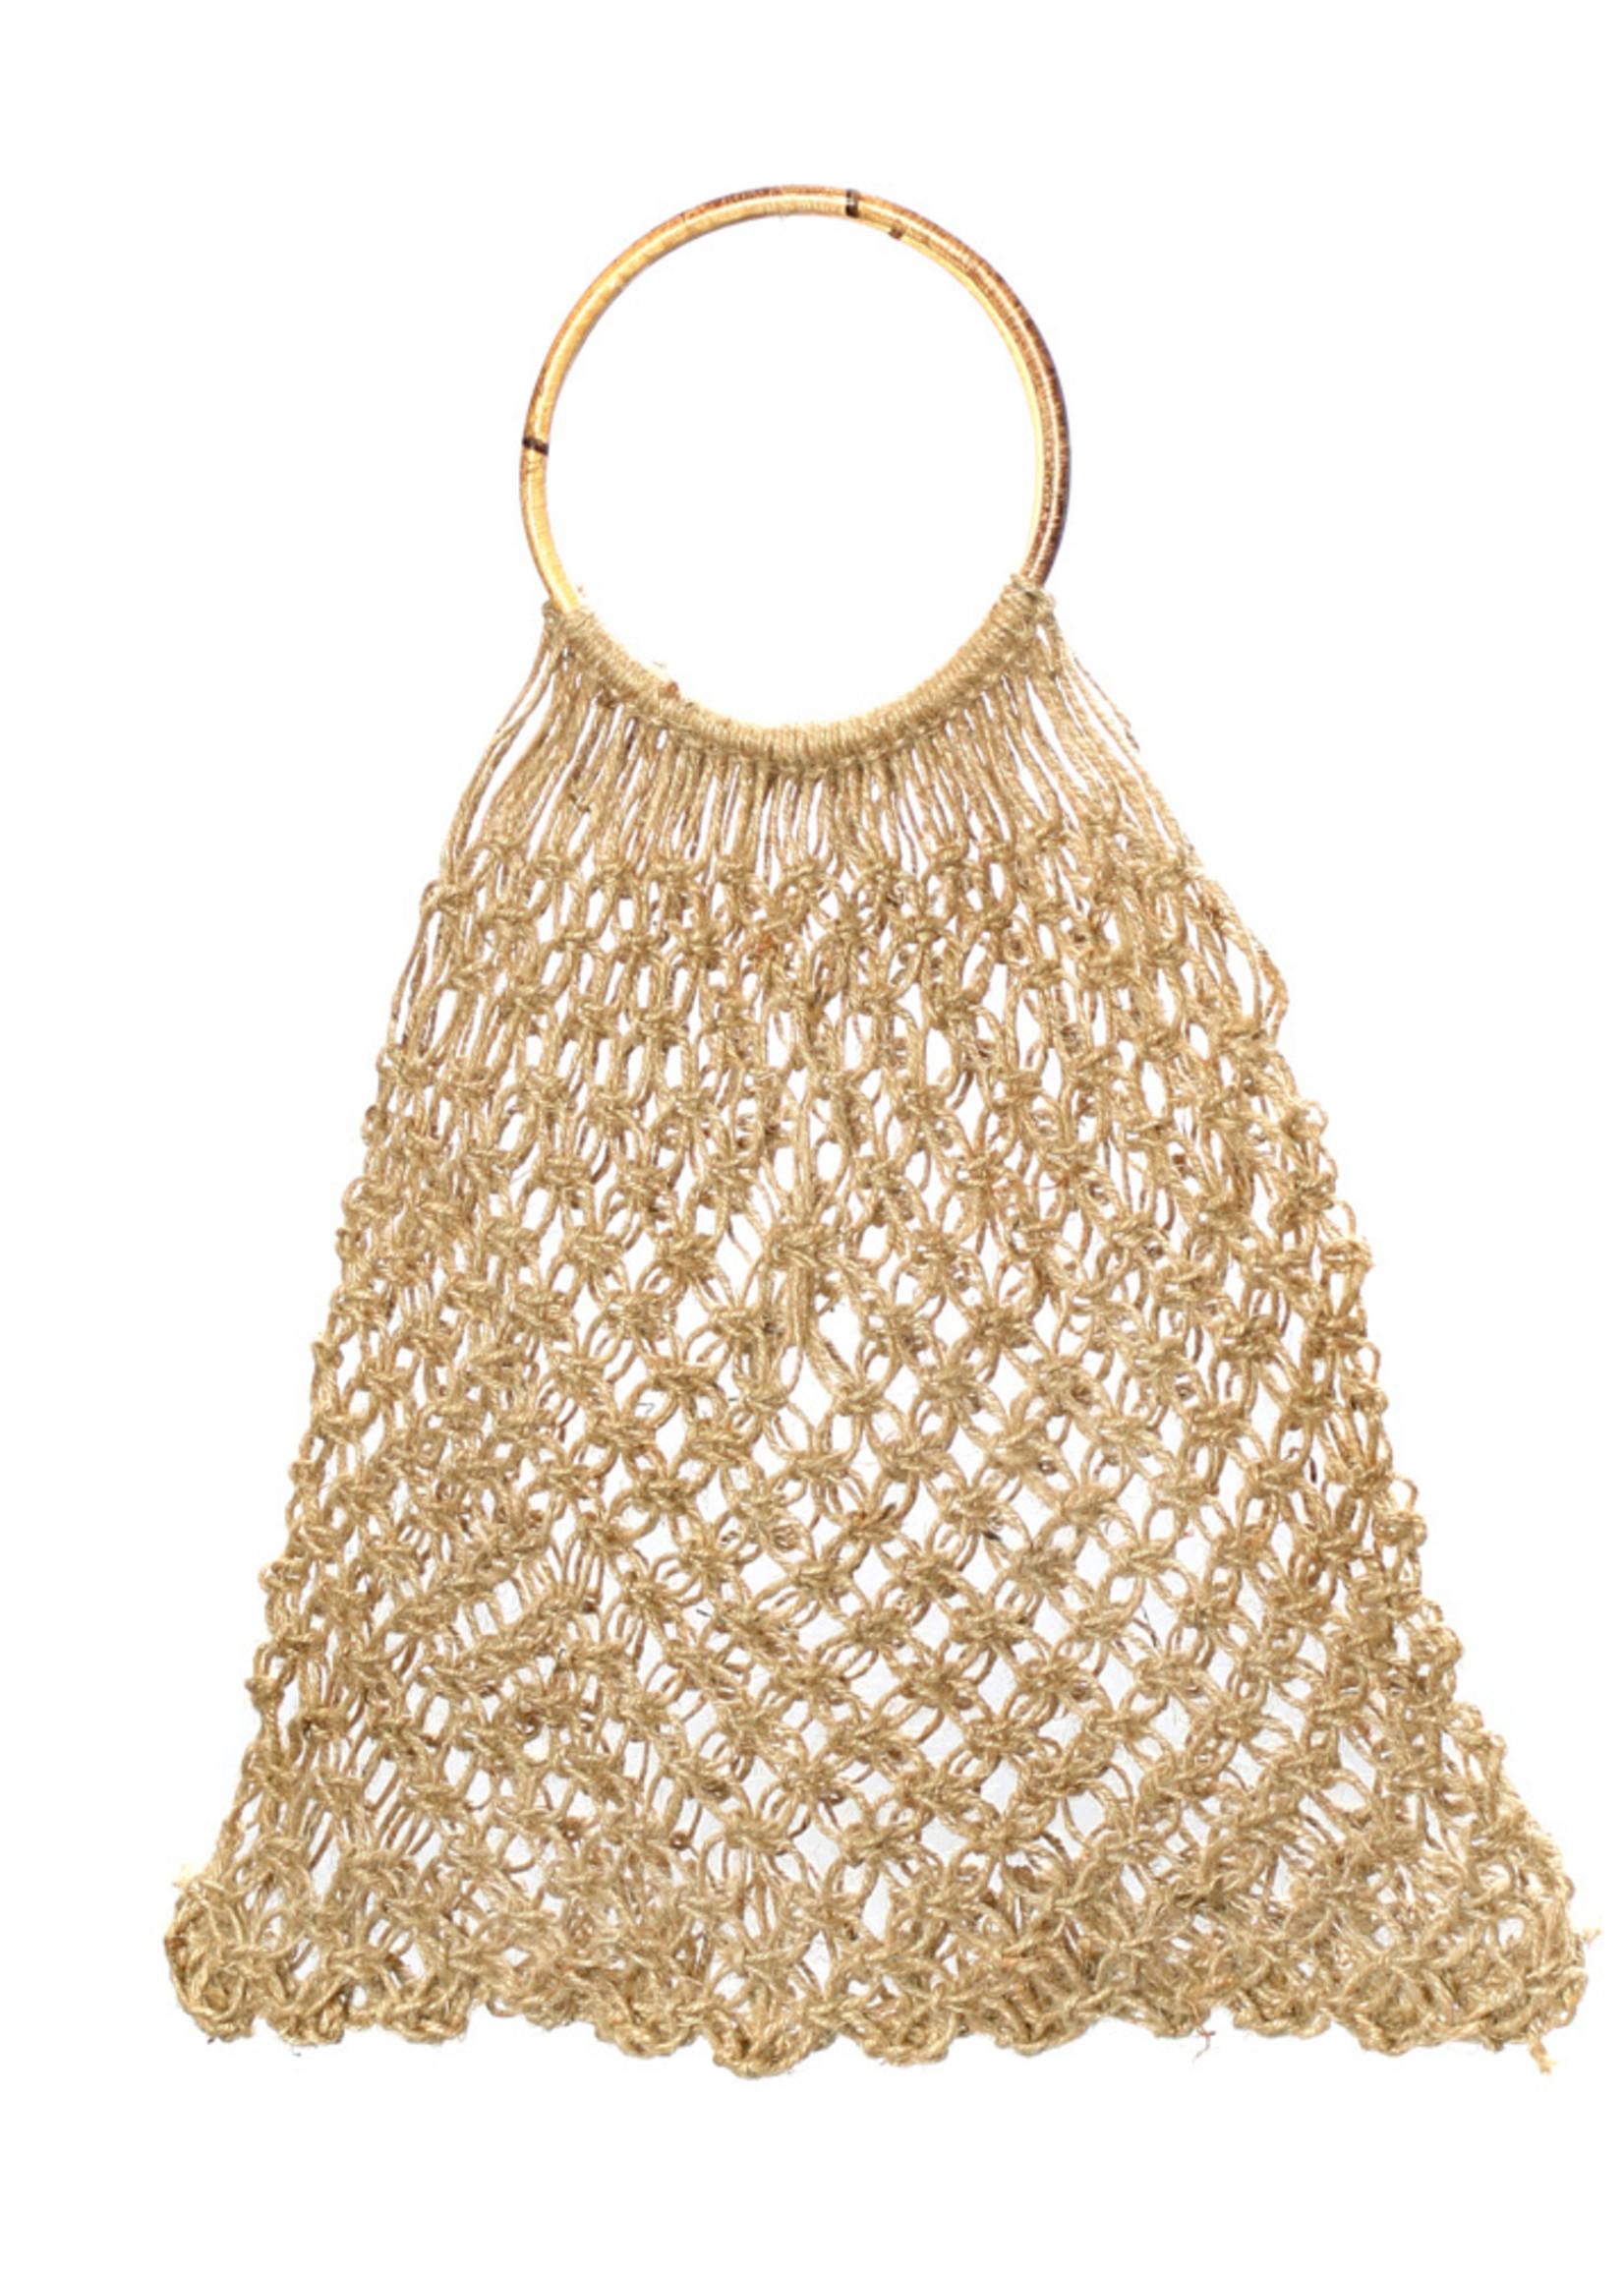 The Jute Crochet Shopper - Natural